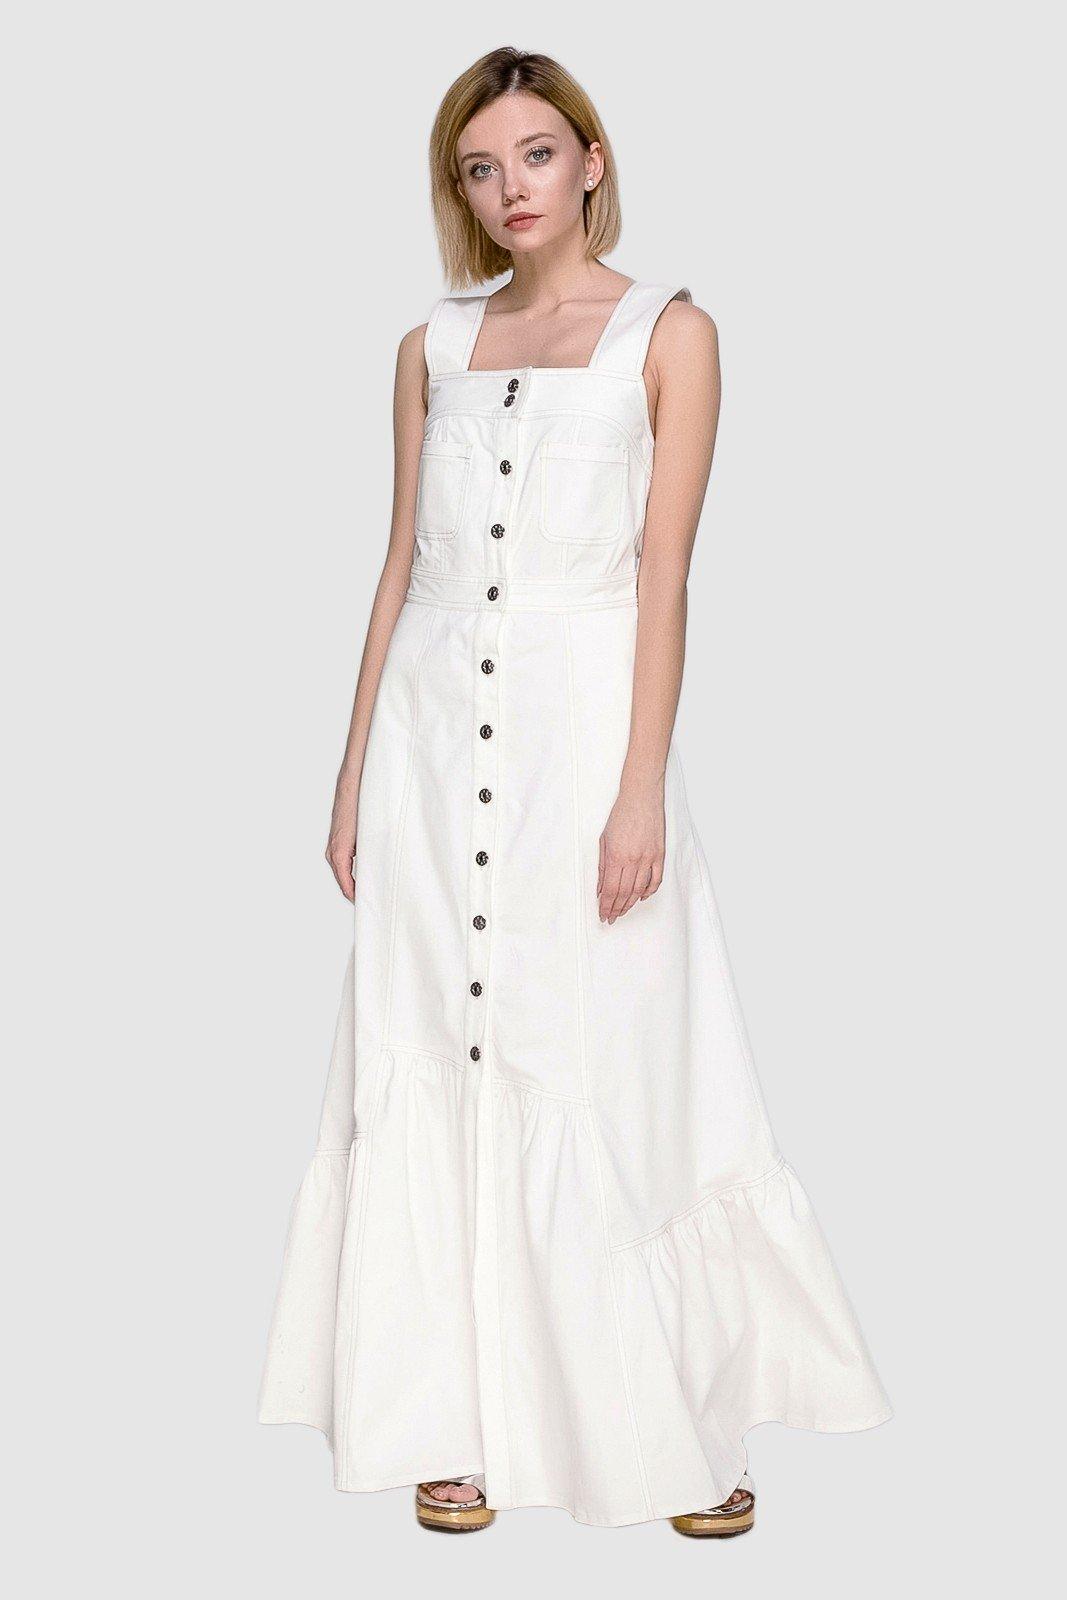 4092a366bf6c Дизайнерская одежда от Елены Голец на сайте Дольчедонна